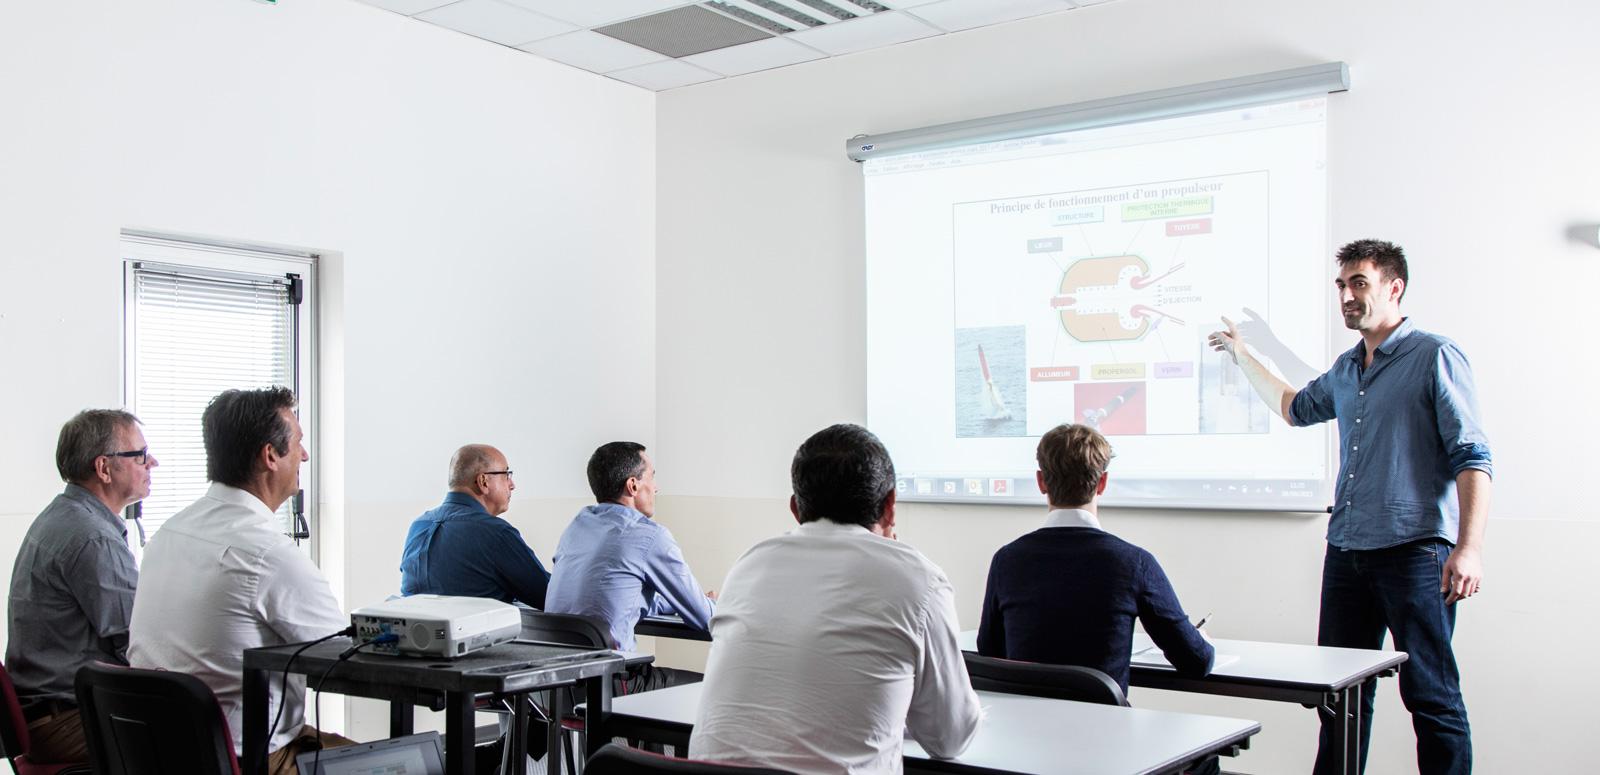 organisation gestion stages formation continue scientifique technologique inter-entreprises